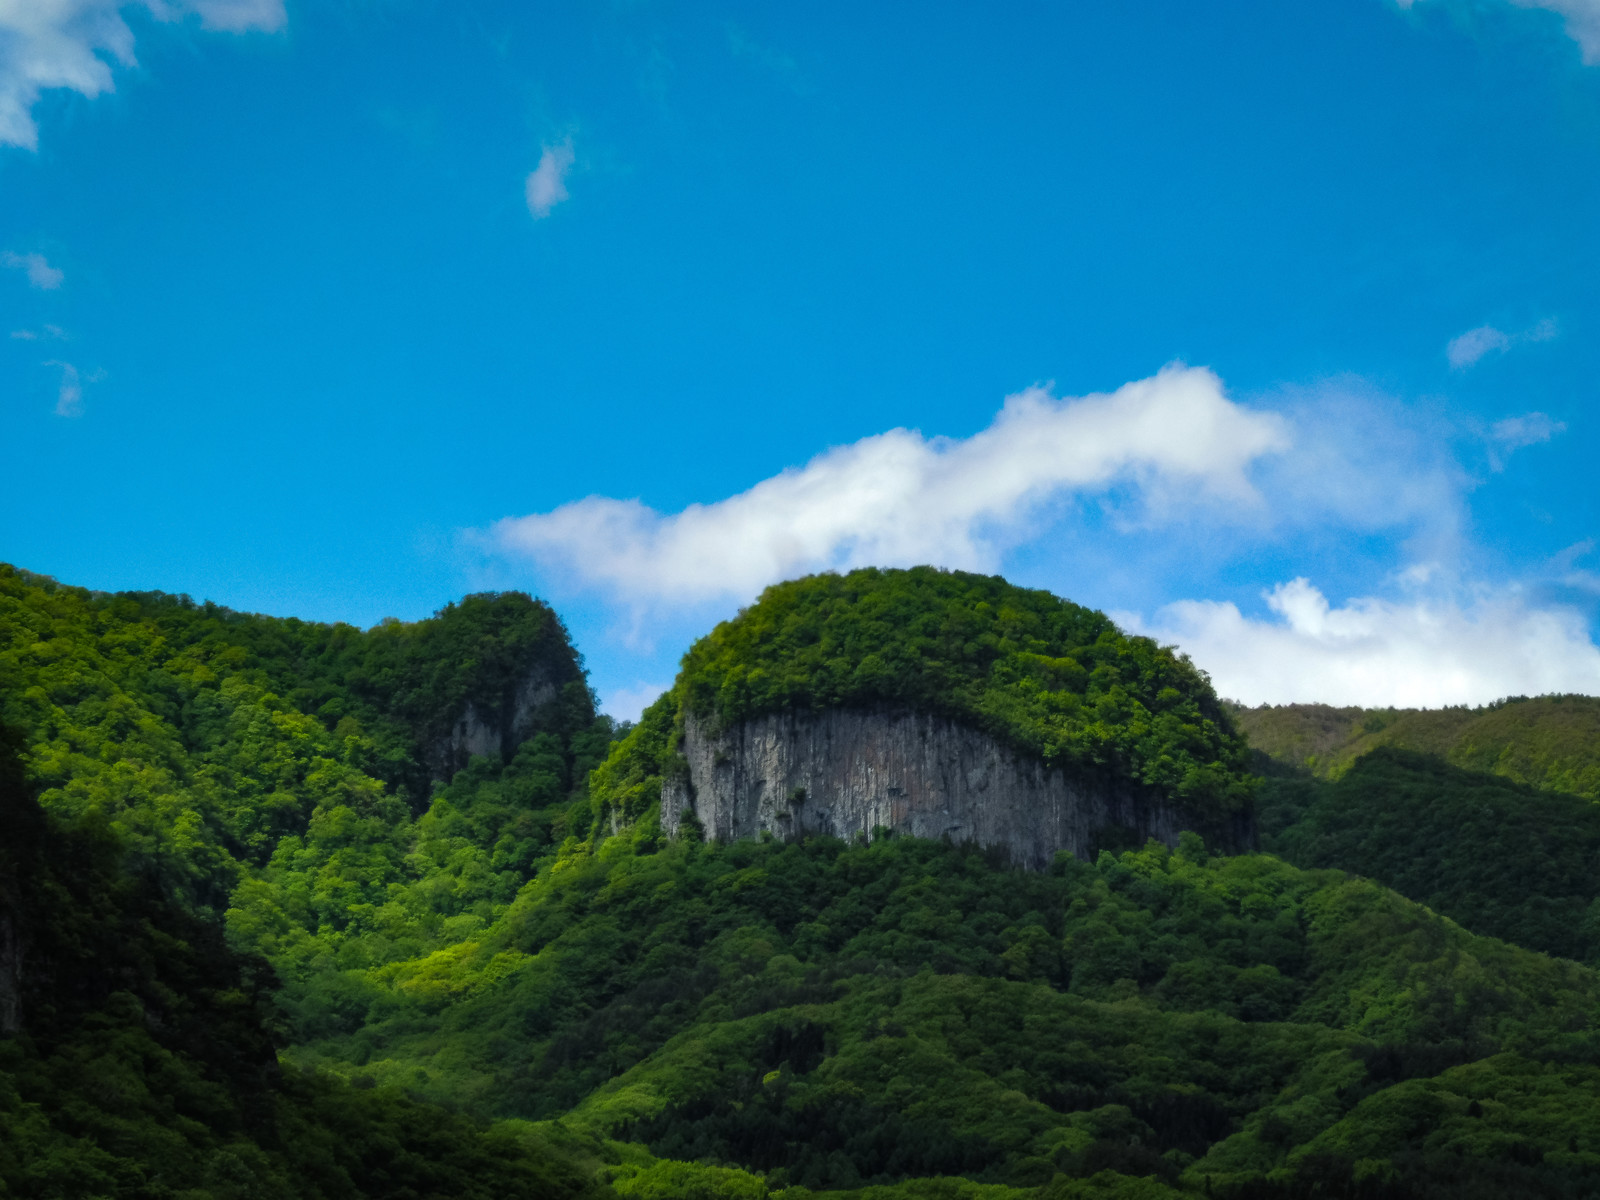 「青空と絶壁の丸岩」の写真